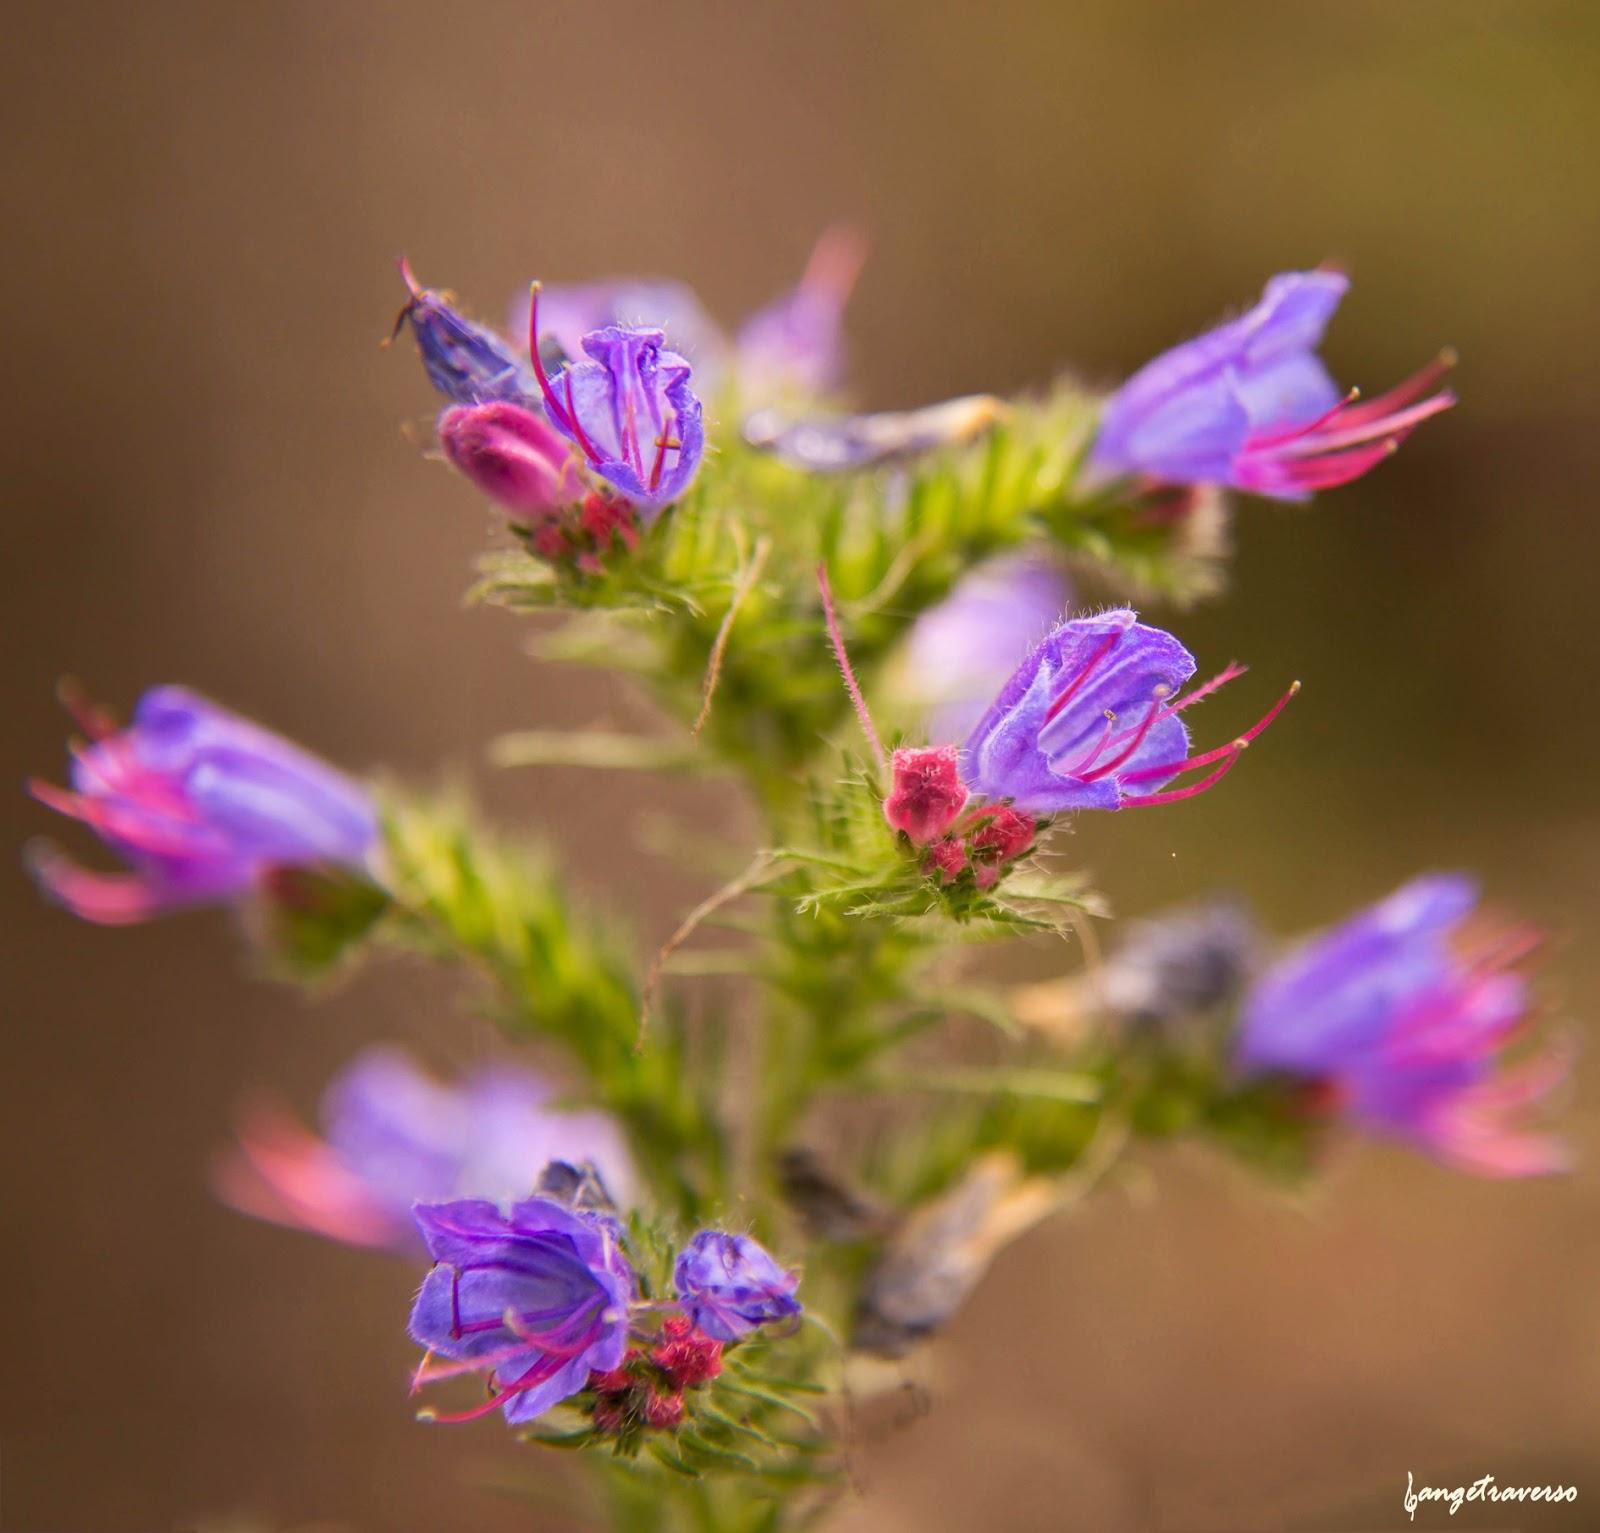 Flore des Alpes, Termignon, Savoie